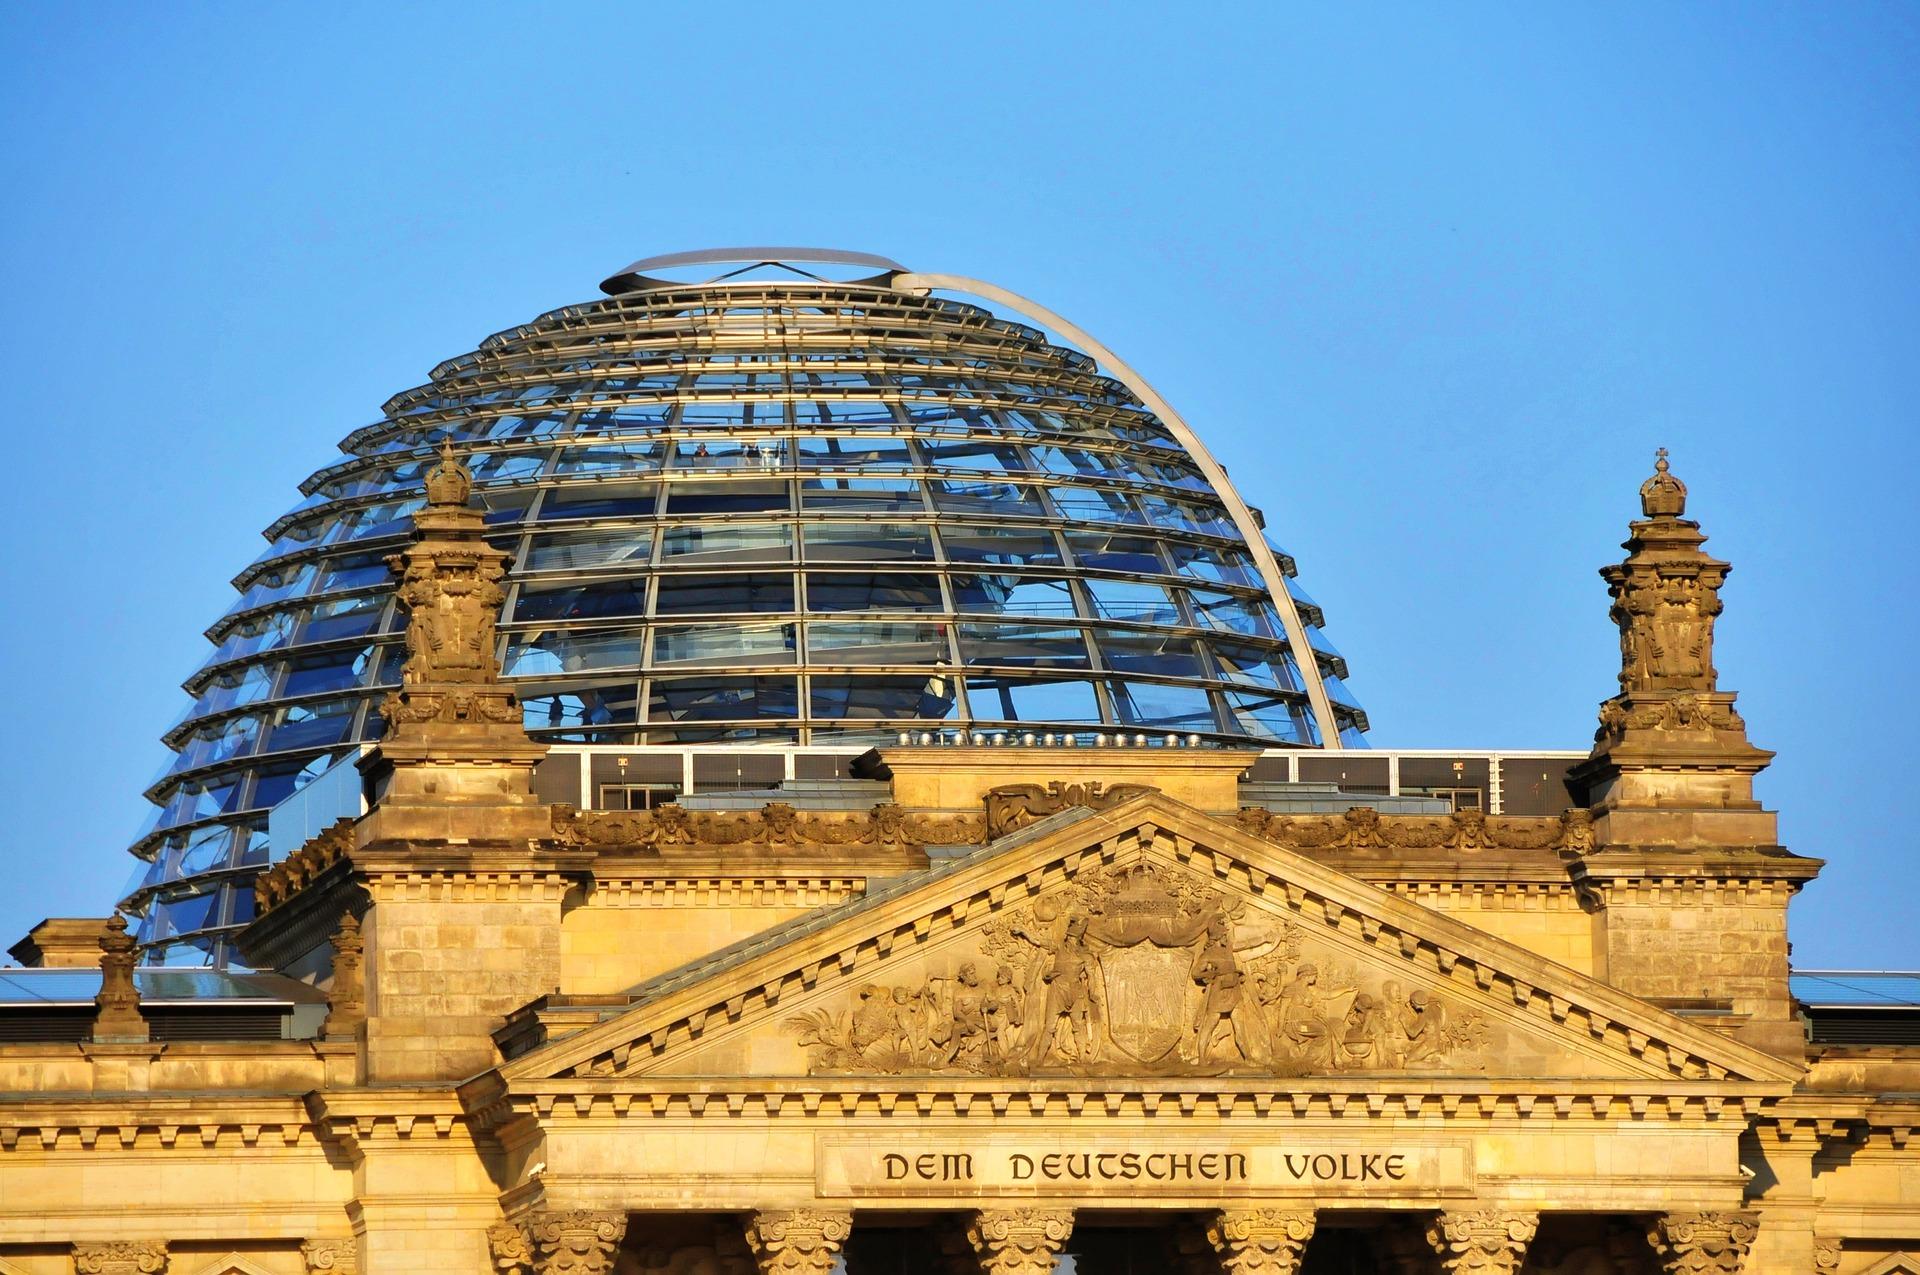 berlin-3930706_1920.jpg